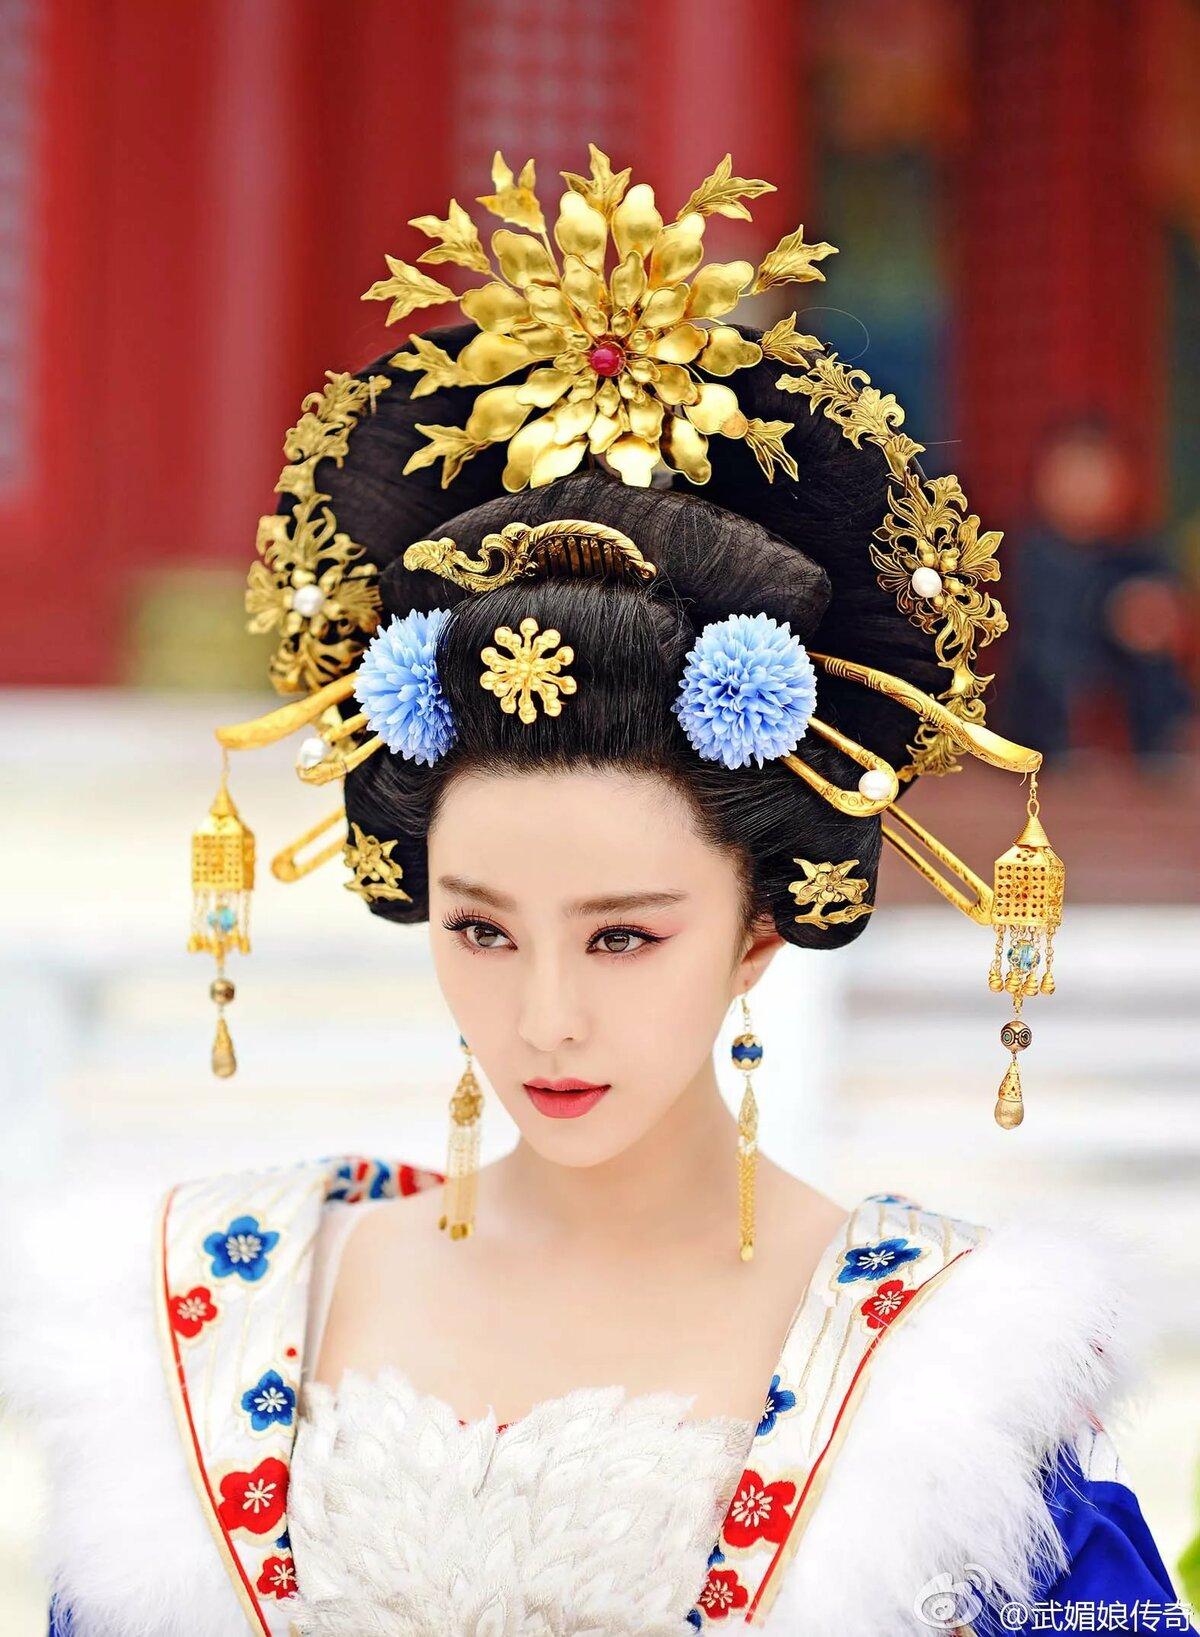 китайская прическа картинки жирок